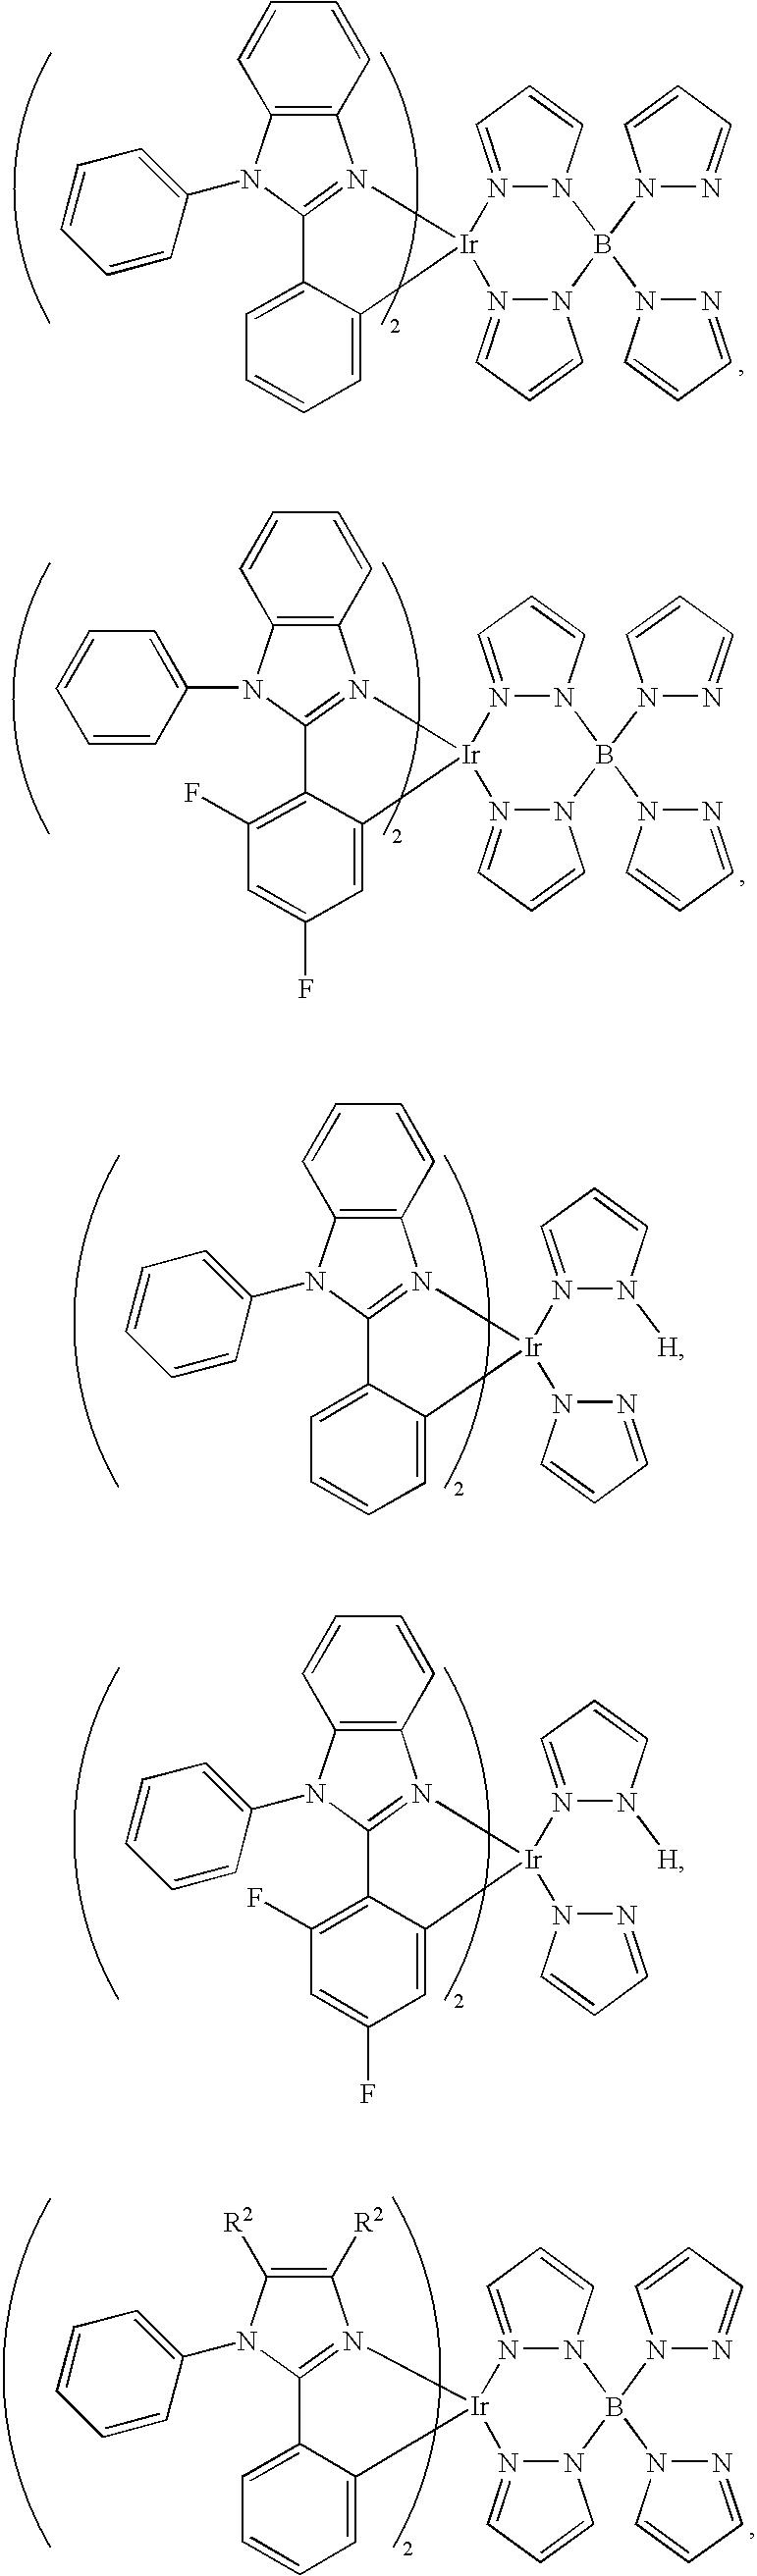 Figure US20060078758A1-20060413-C00006